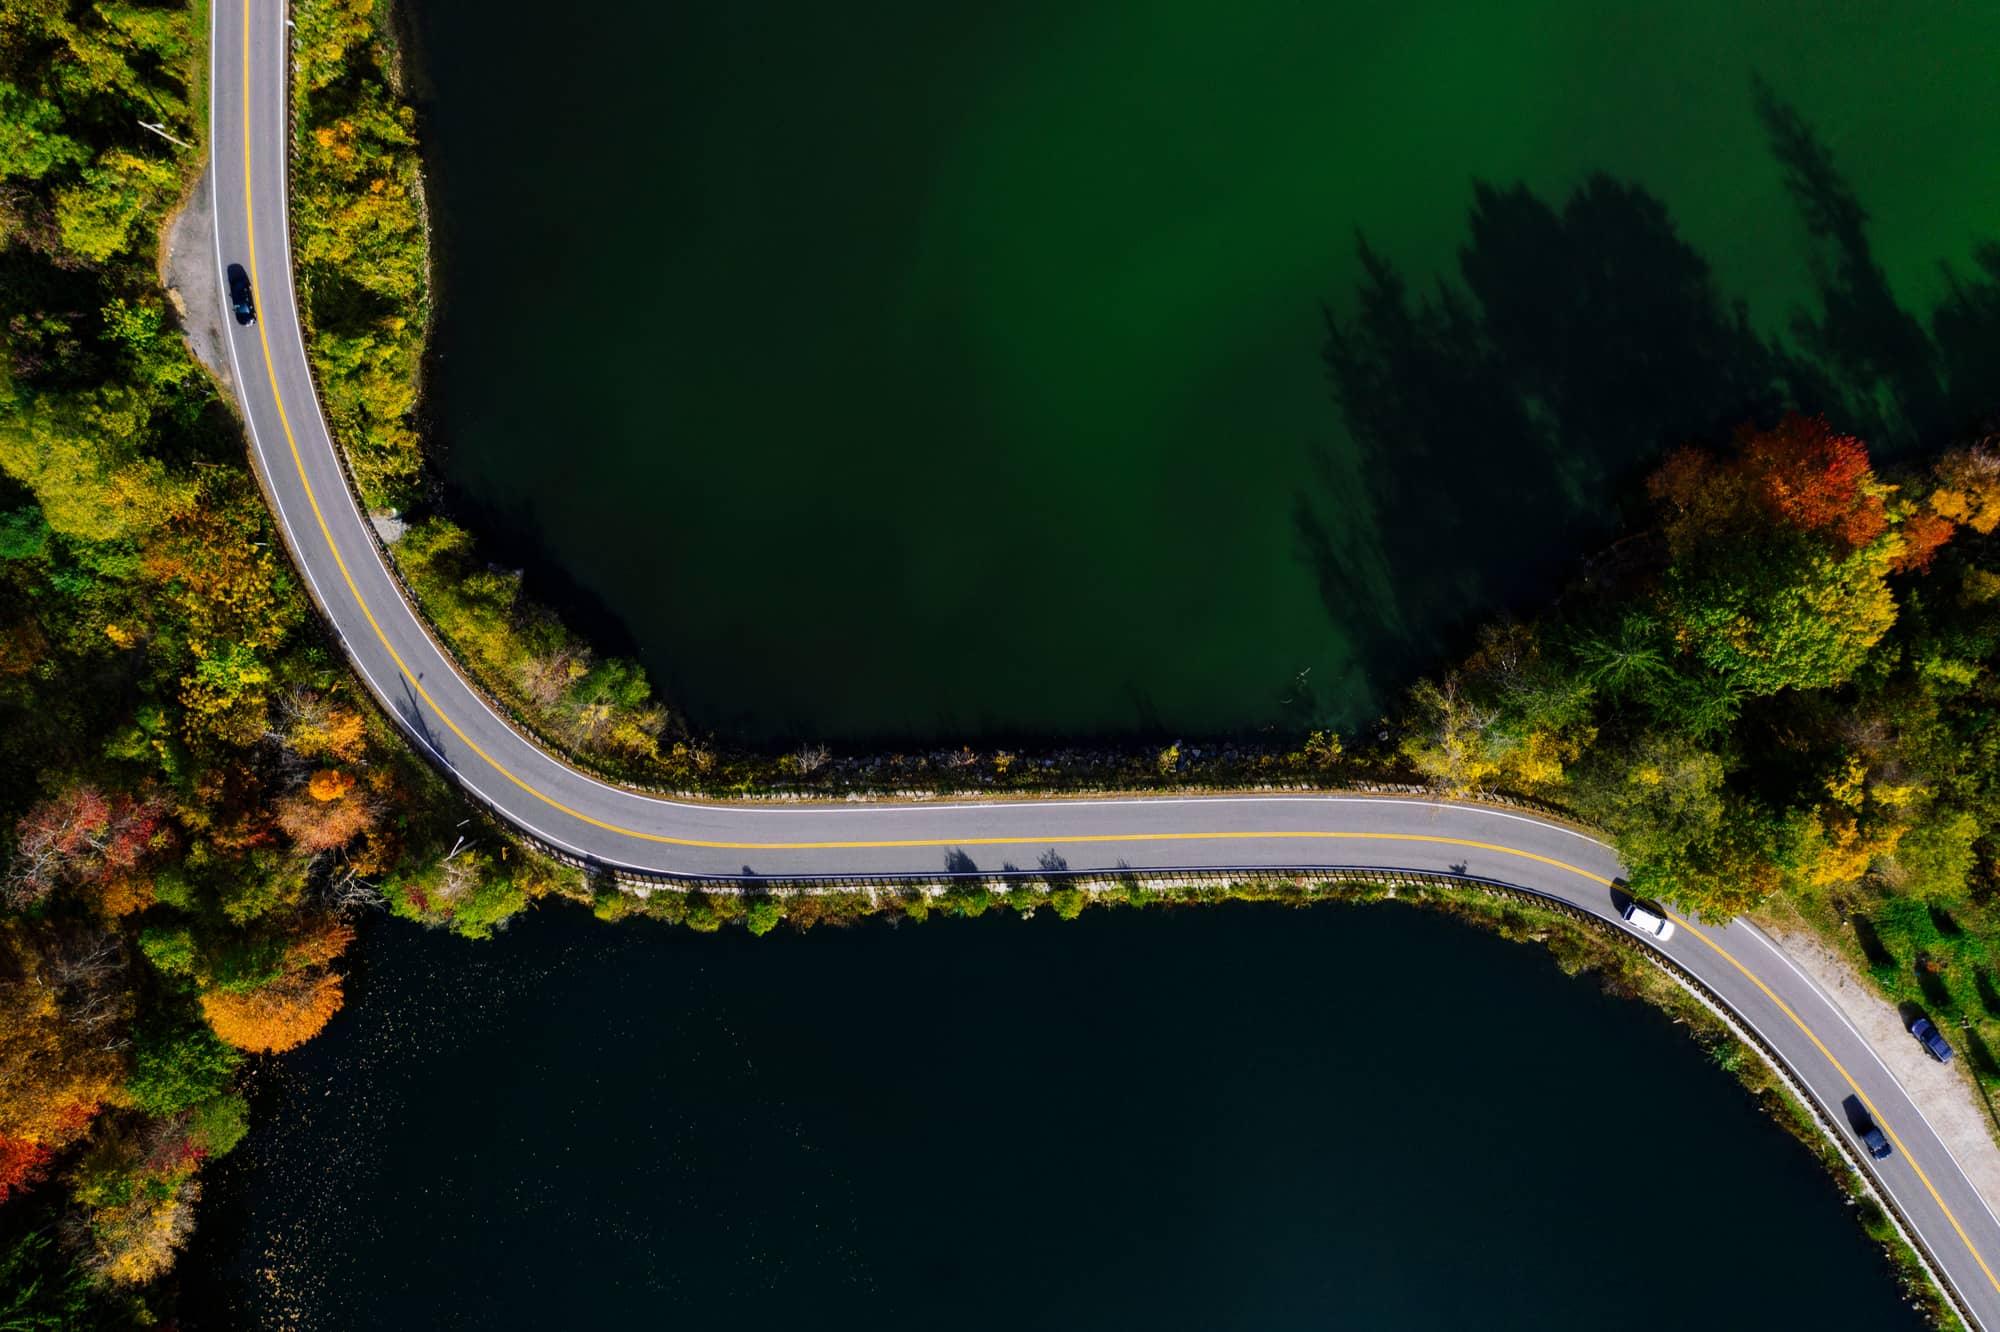 vista aérea de estrada passando por lago